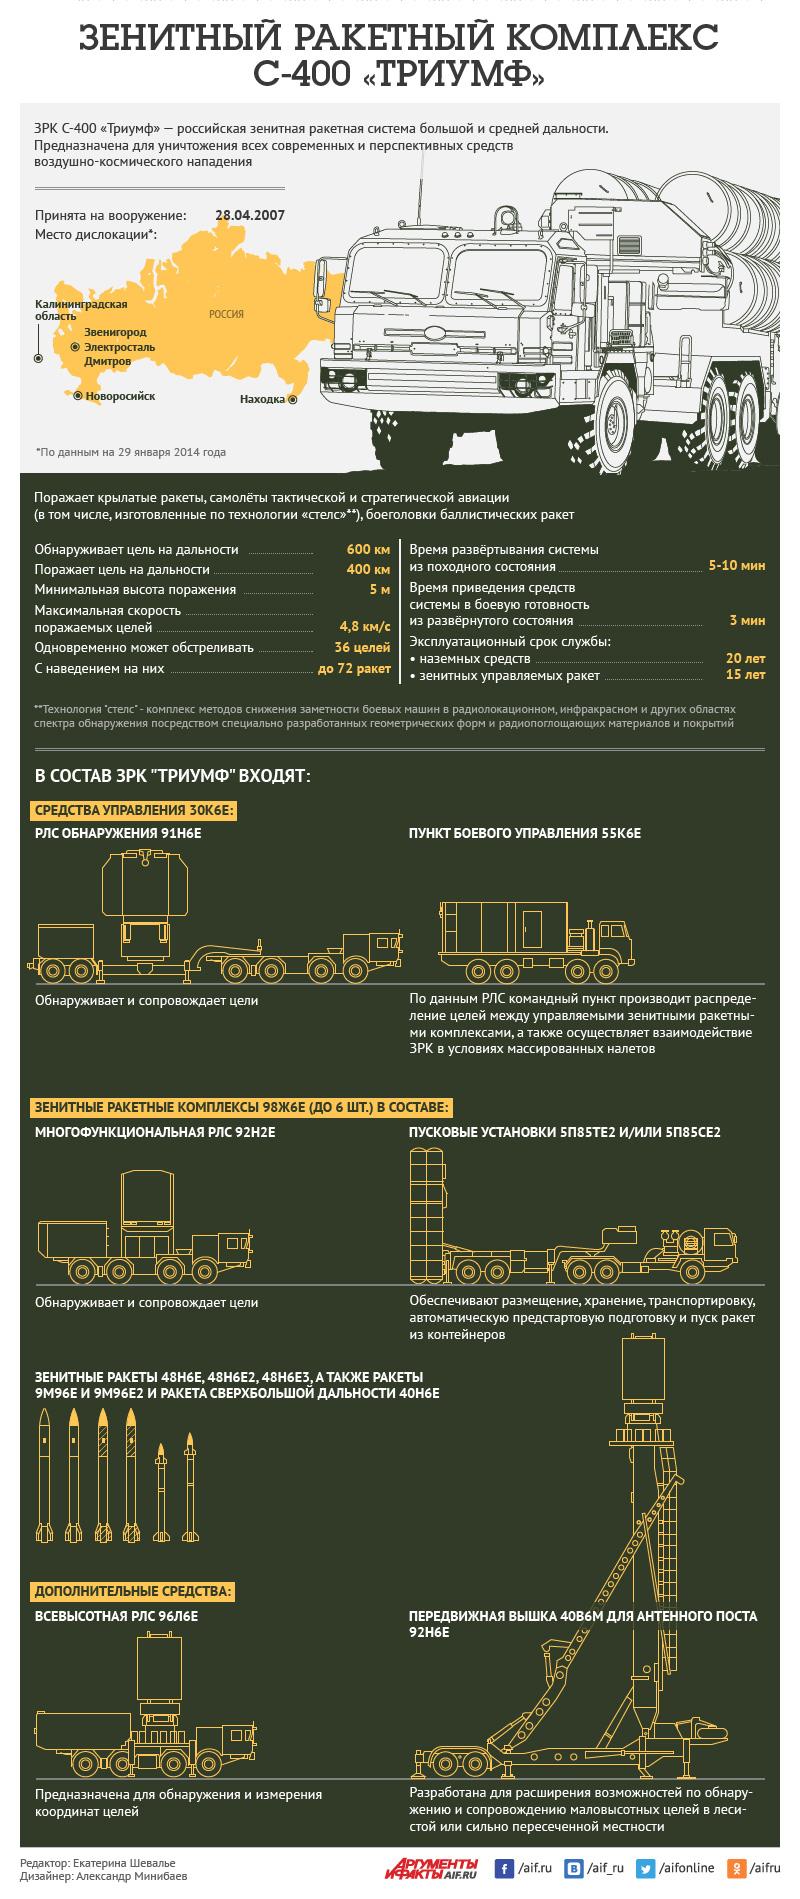 Как устроен зенитный ракетный комплекс С-400 «Триумф»?